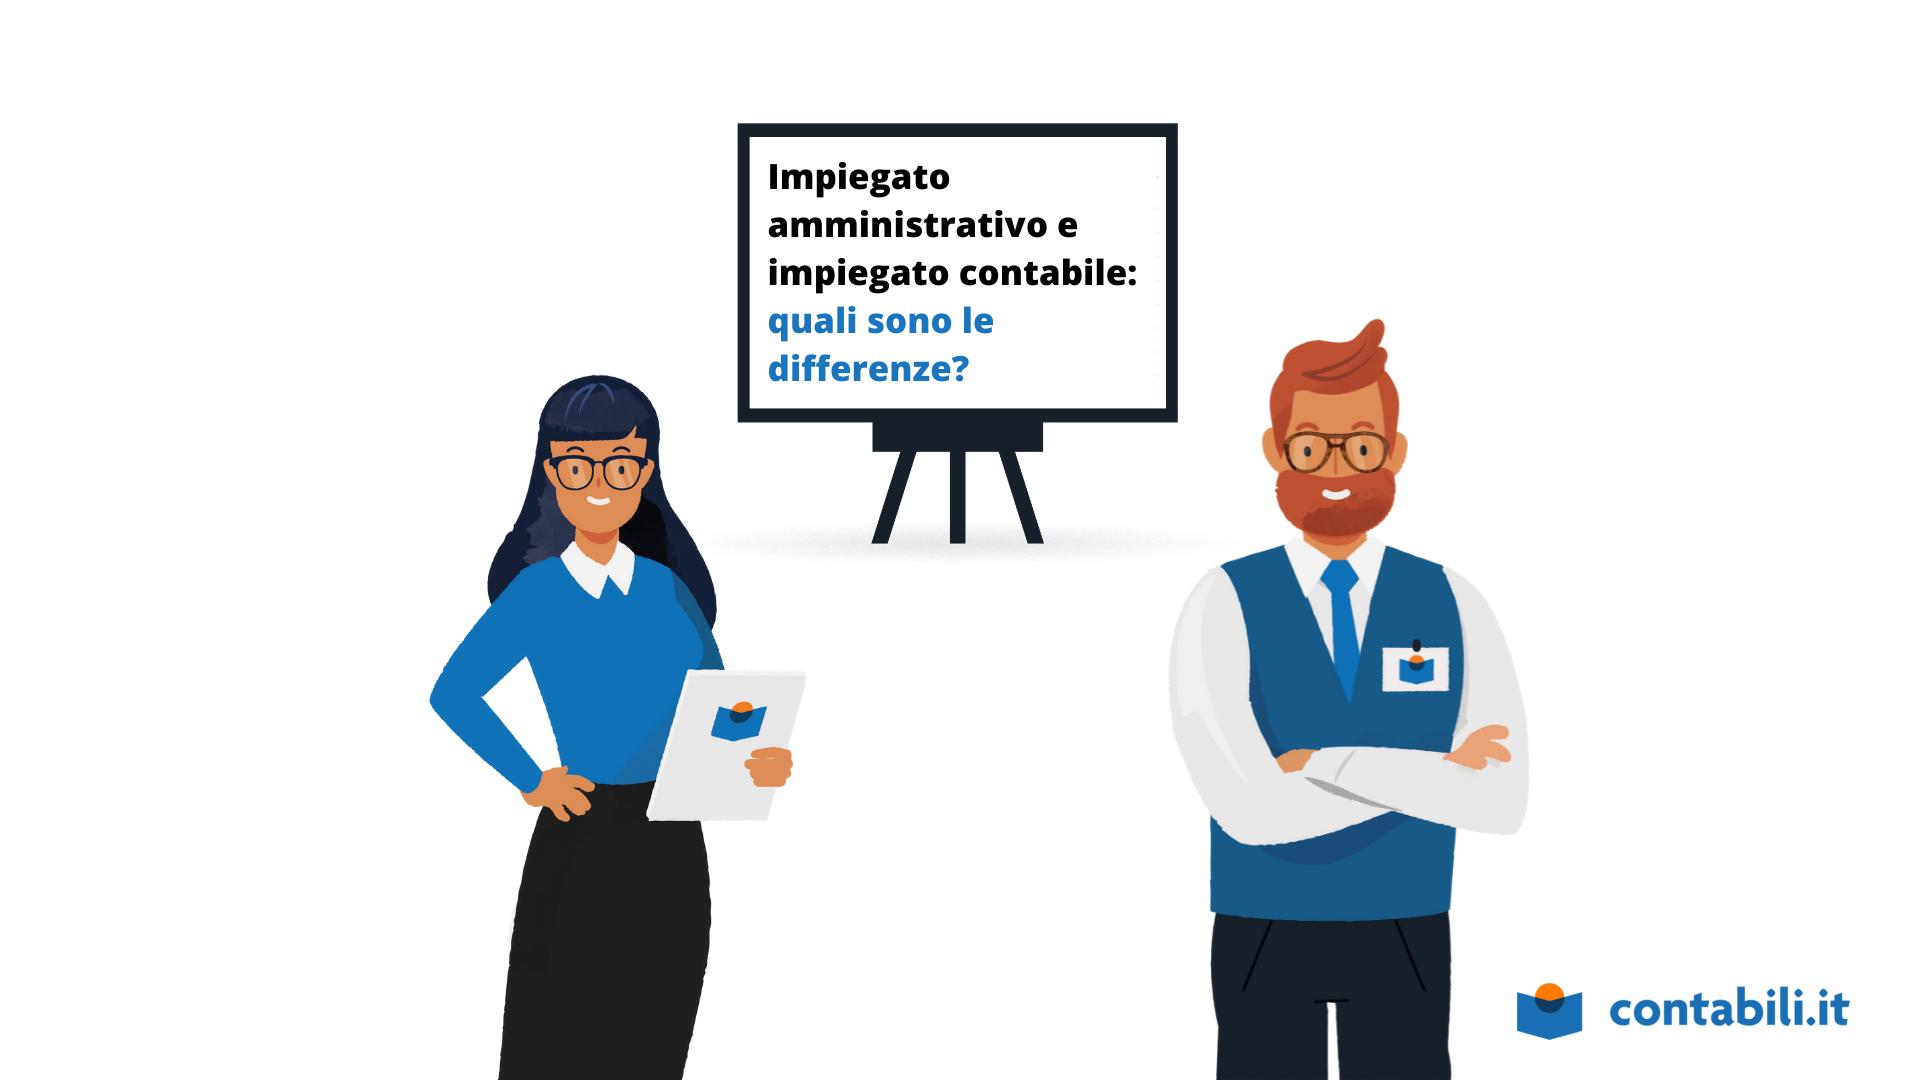 Differenza tra impiegato contabile e amministrativo